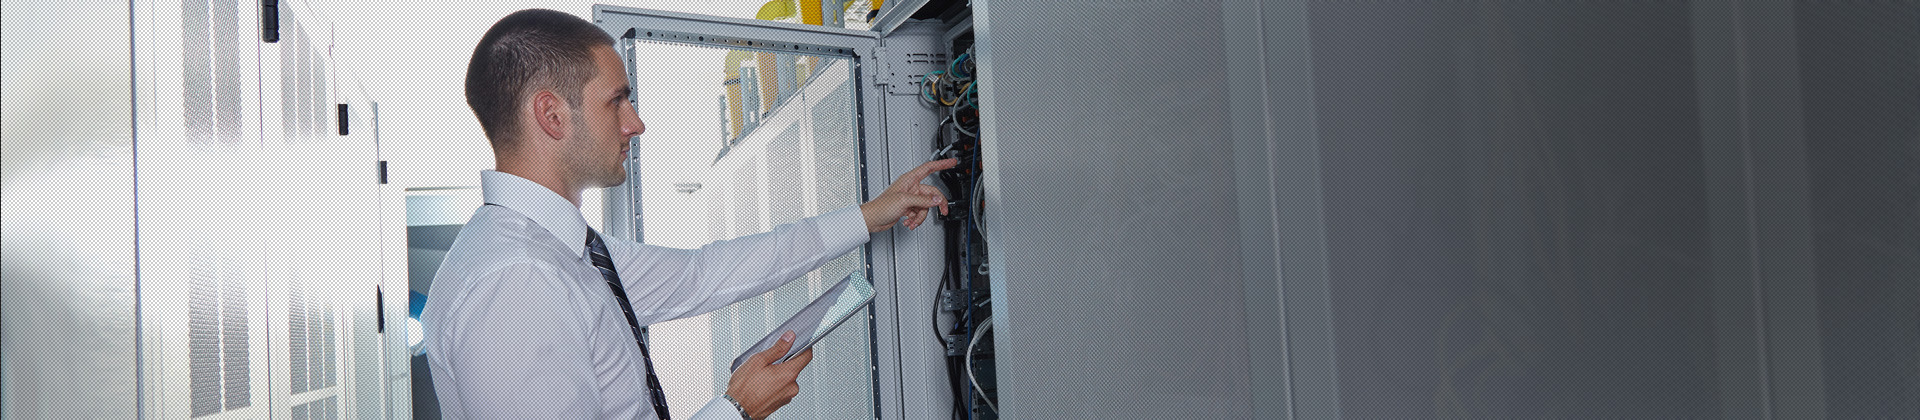 Rekrutering & selectie voor technische jobs Yellow Selectie